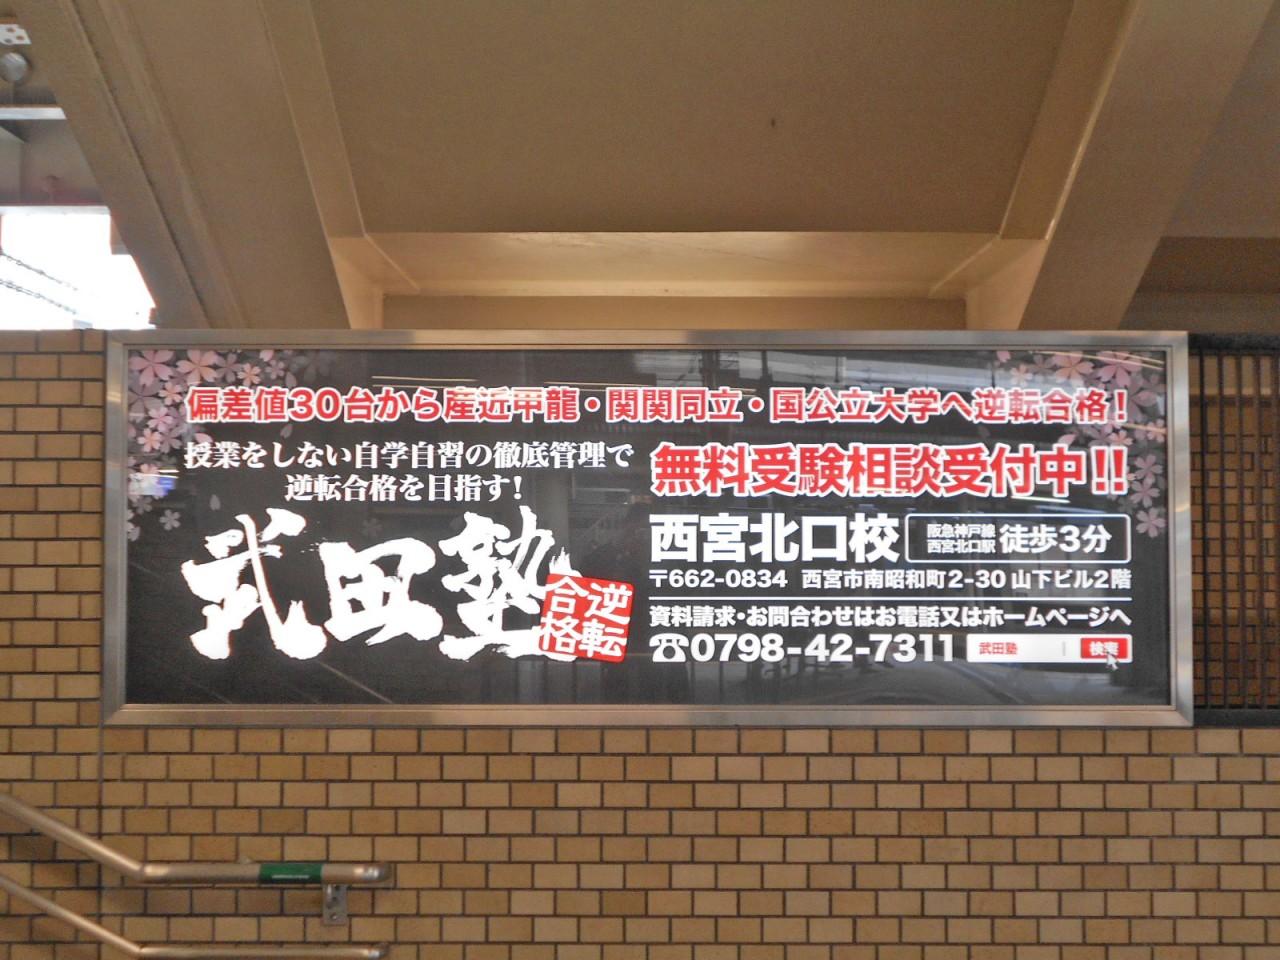 阪急西宮北口 №215(近)